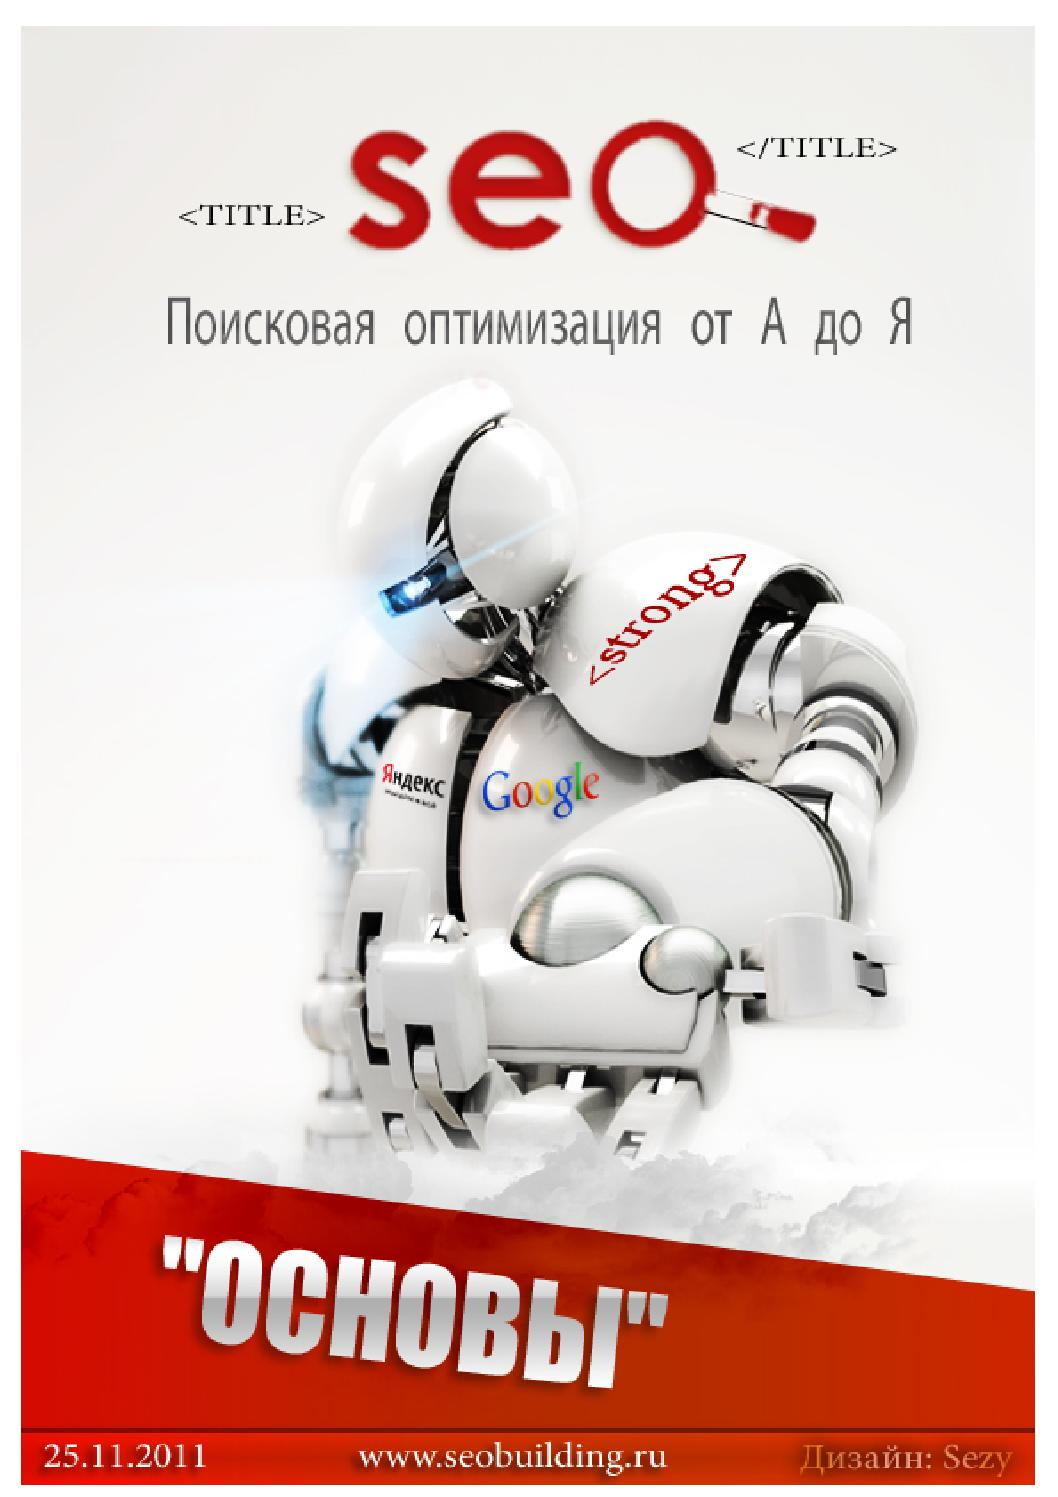 Первая книга seo копирайтера скачать бесплатно